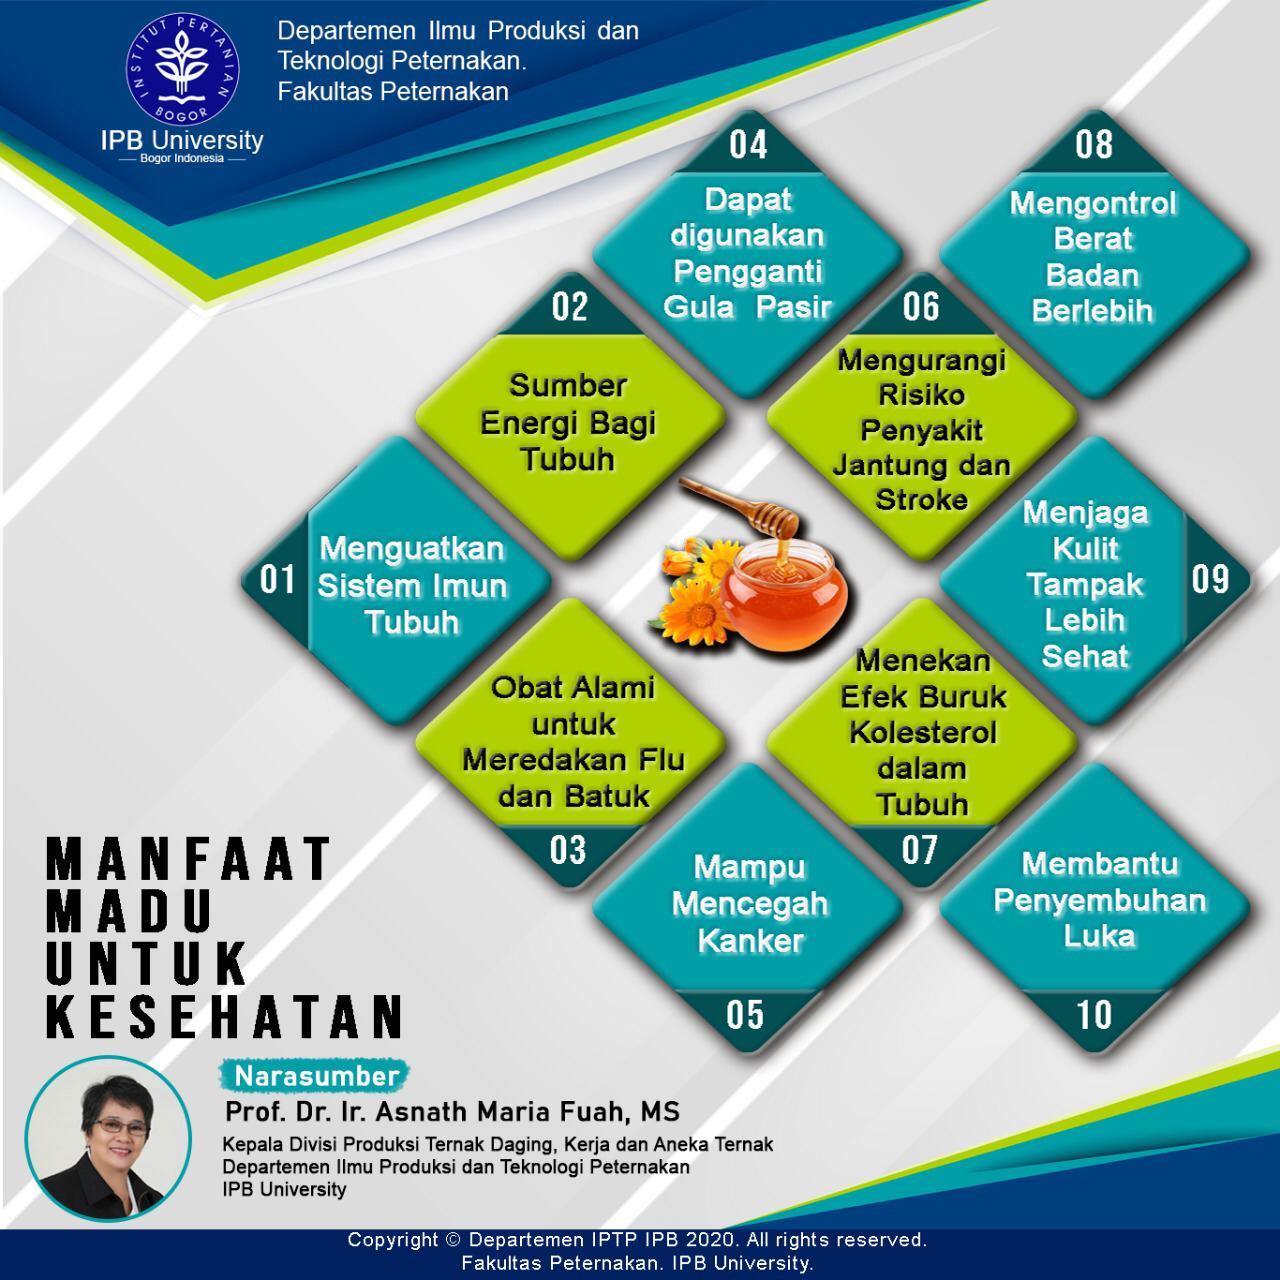 Manfaat_madu